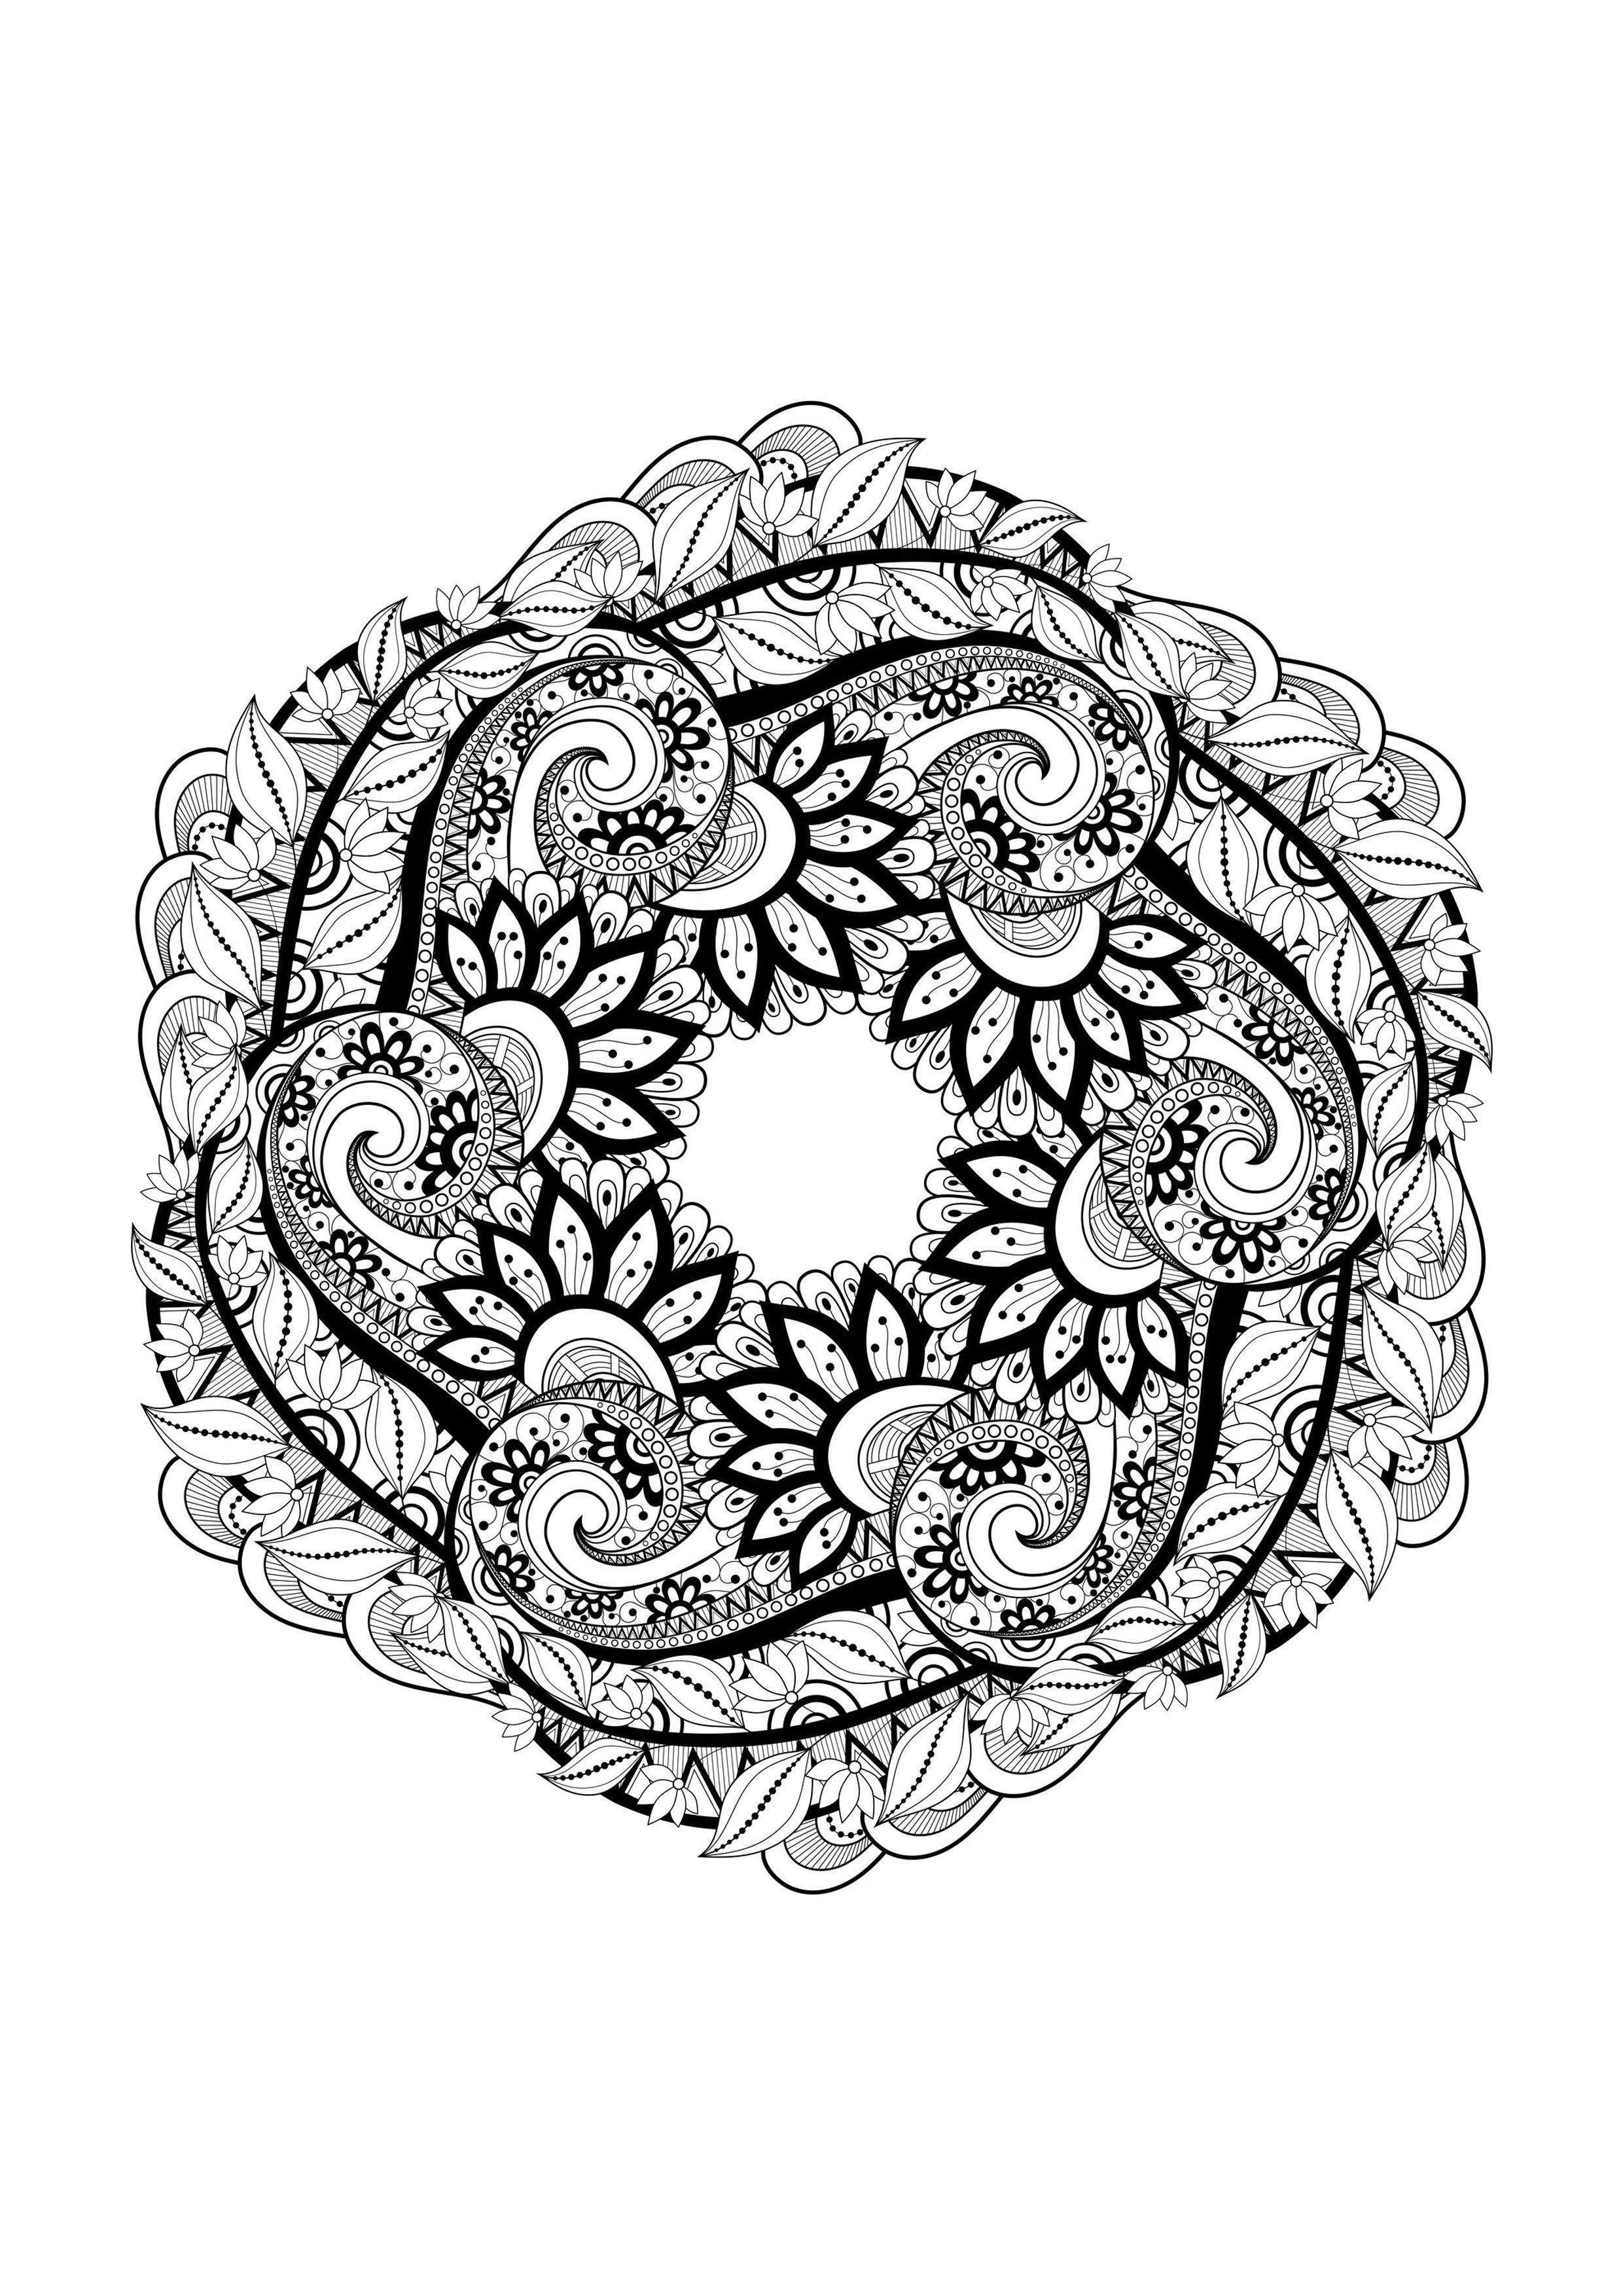 Mandala 1 - Mandalas - Coloriages Difficiles Pour Adultes intérieur Jeux De Coloriage Mandala